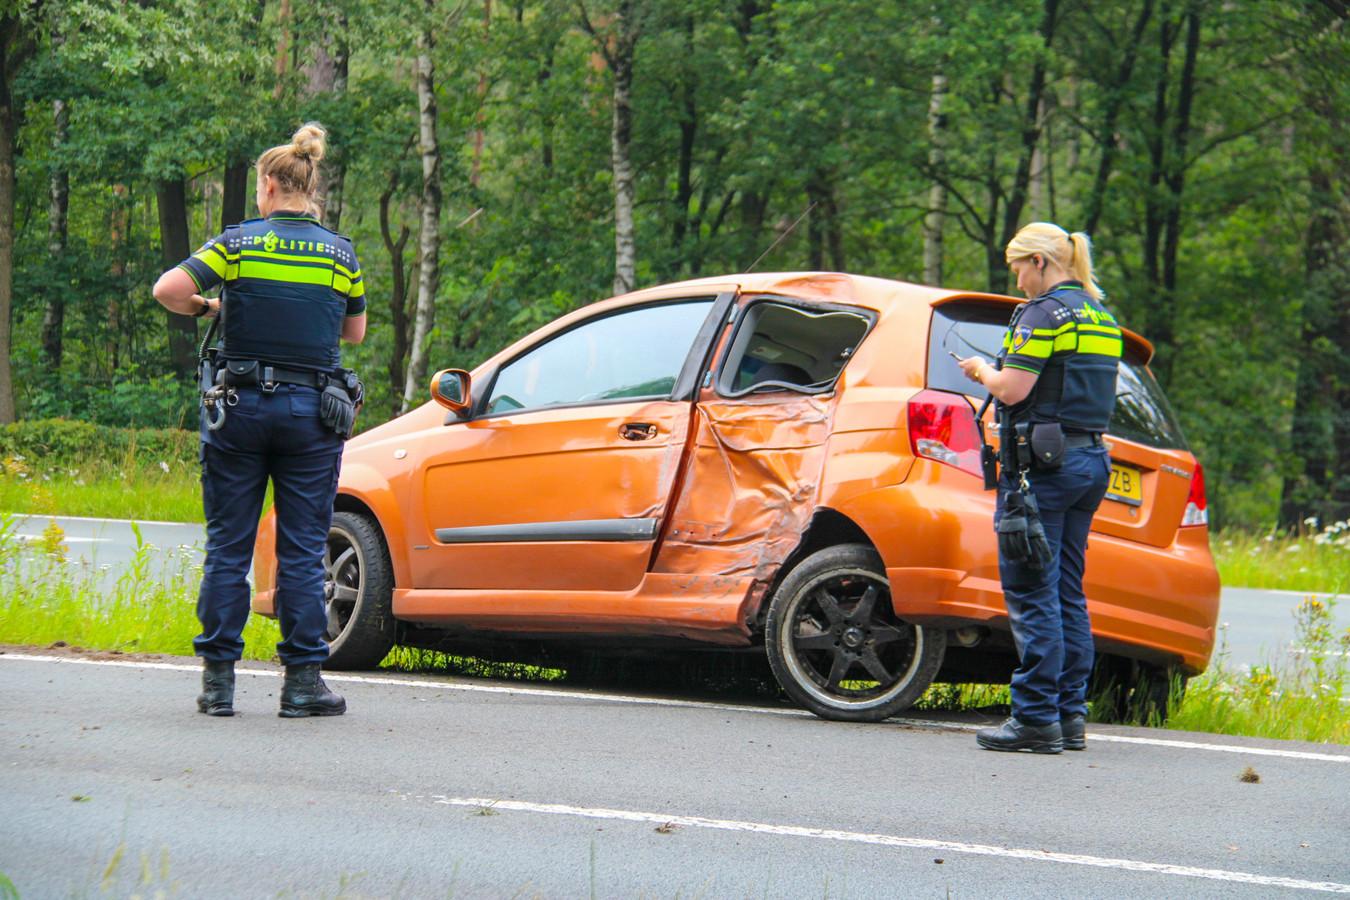 Politieagenten noteren de schade aan weg en omgeving met op de achtergrond de zwaarbeschadigde auto.